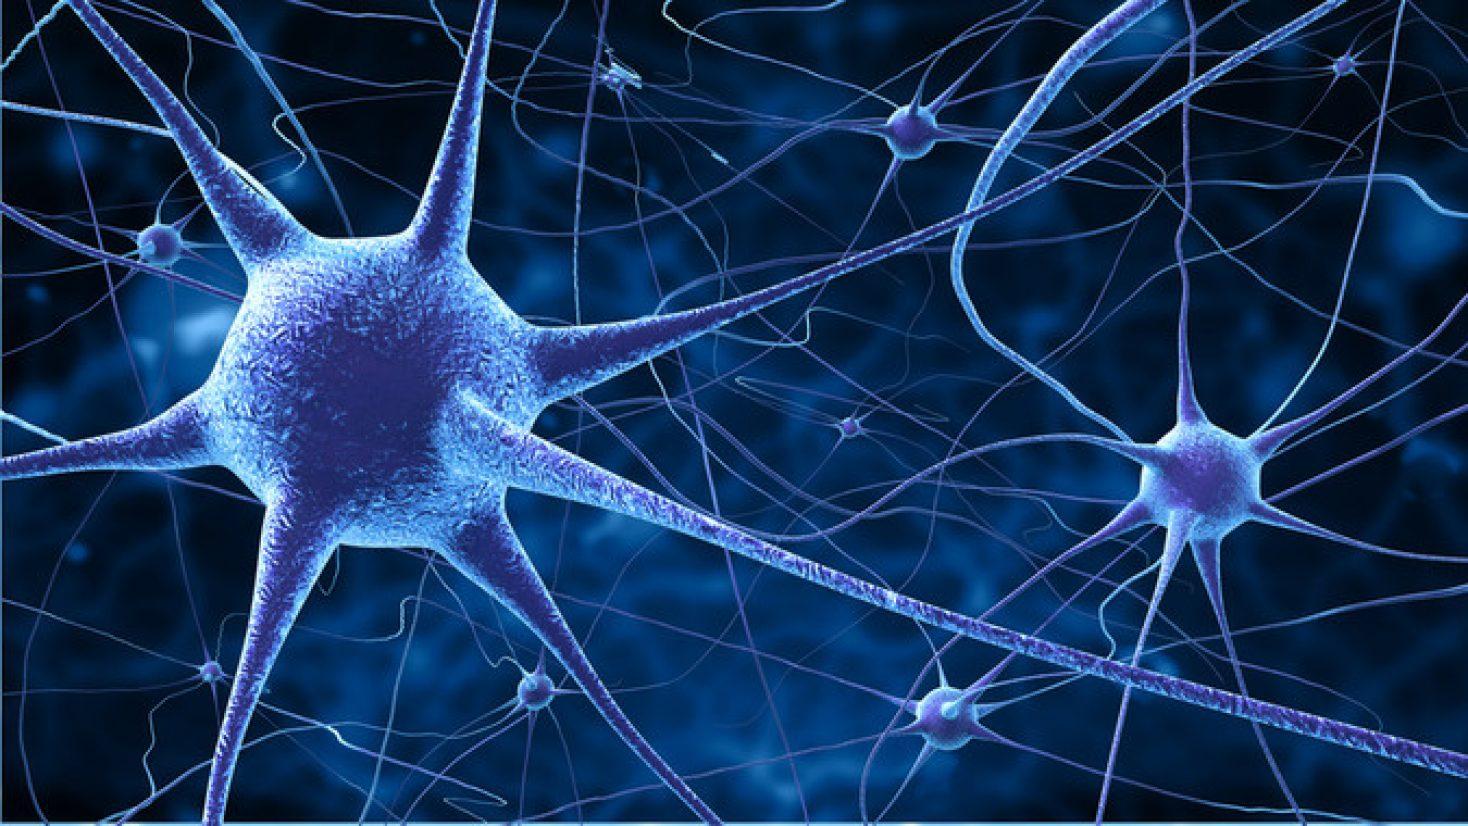 El factor neurotrófico sérico y la dosis diaria de clozapina en pacientes con esquizofrenia: una correlación positiva.